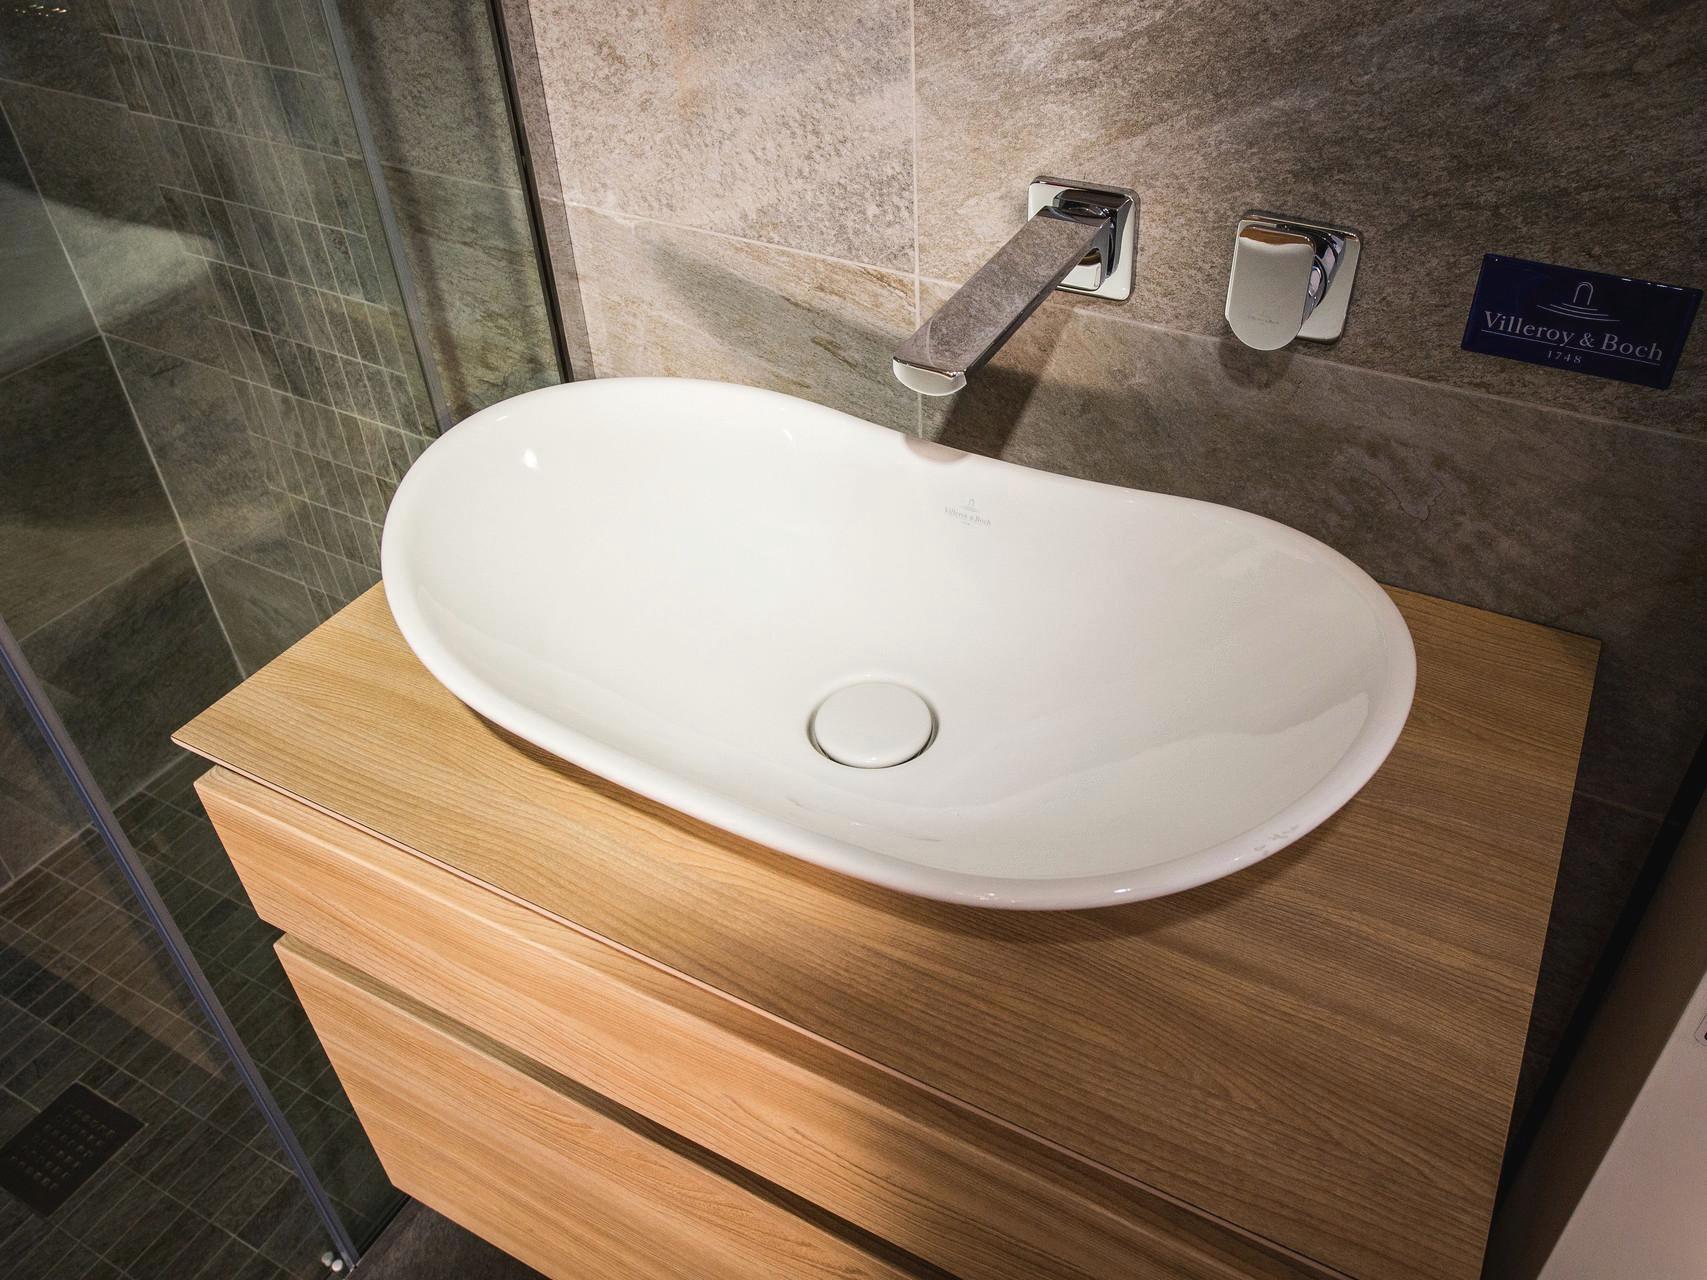 Sovereign bathroom centre bathroom fixtures and fittings for Toilet fixtures and fittings